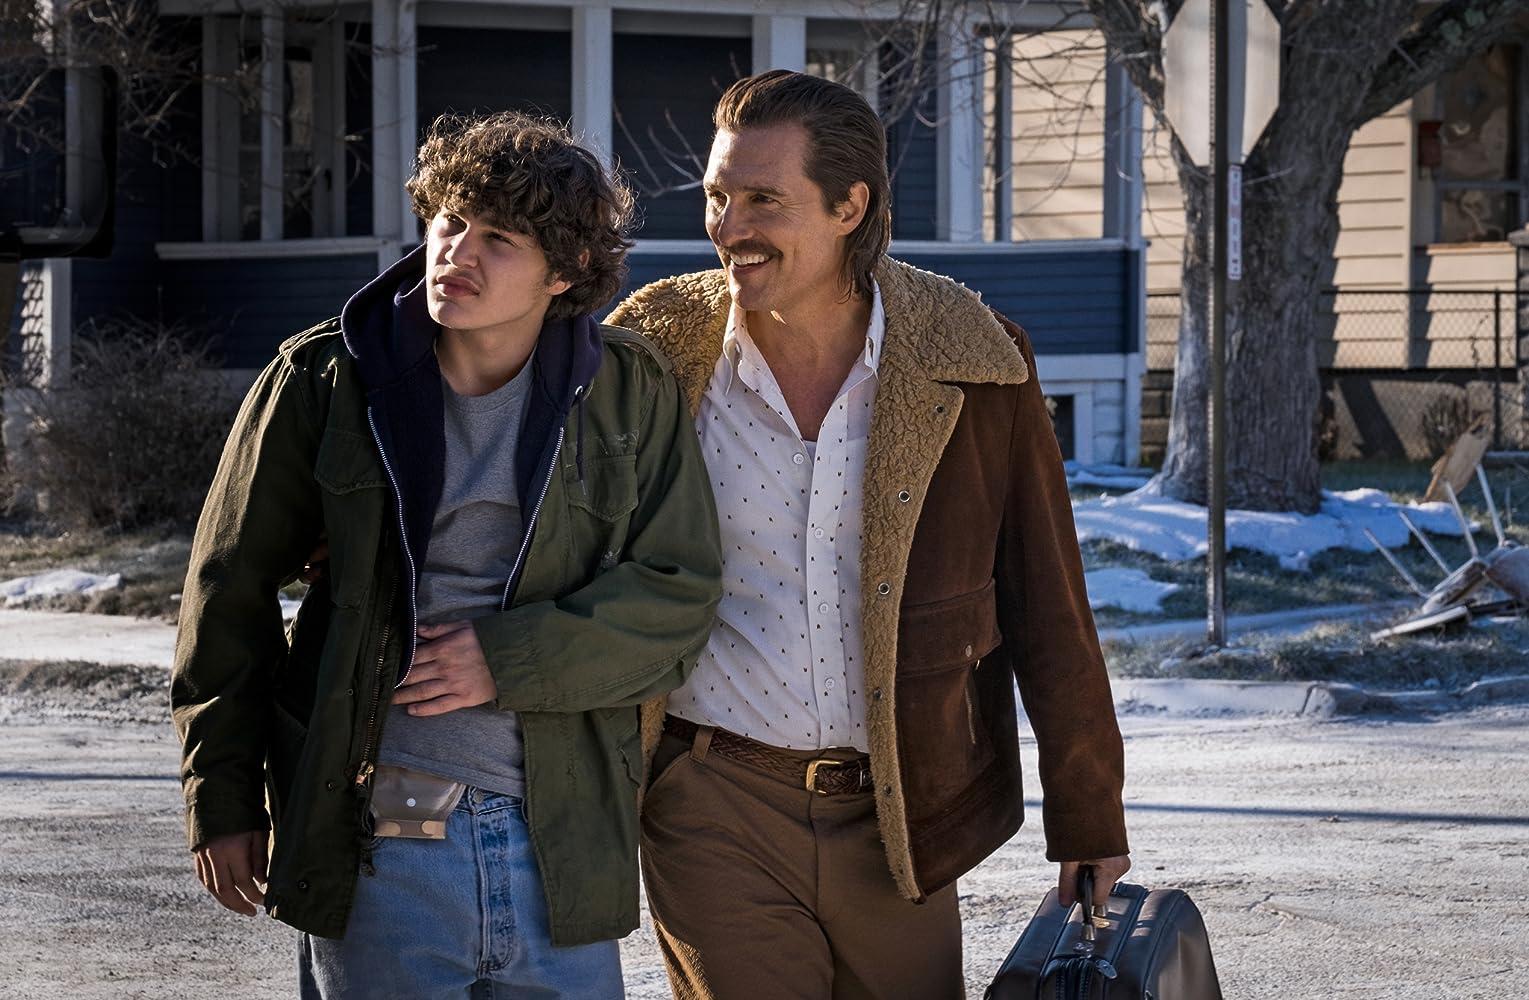 Matthew McConaughey and Richie Merritt